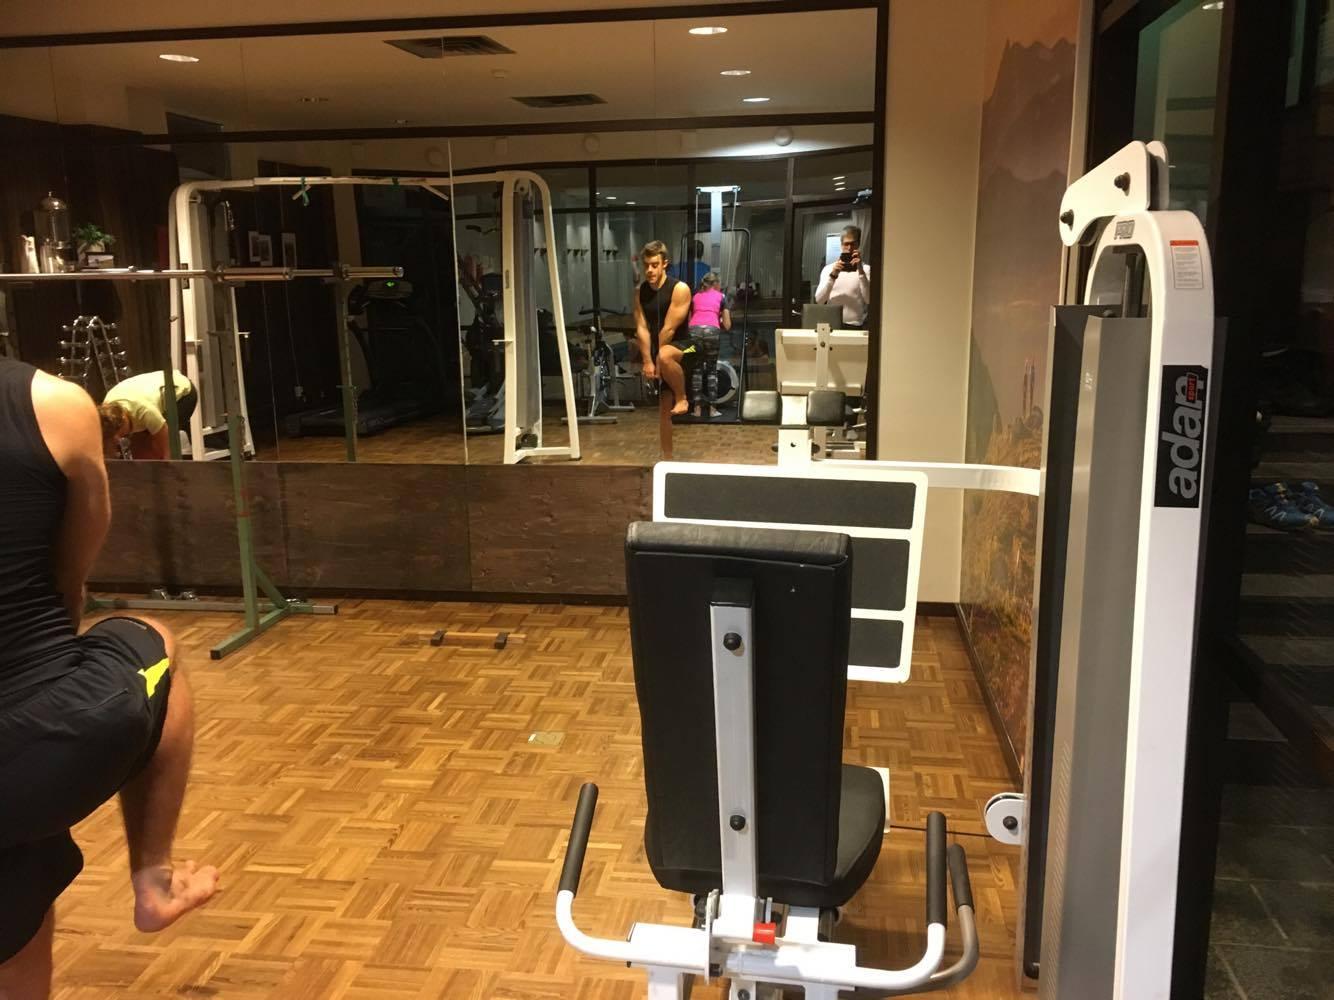 Ett litet gym i Ramundberget, bilden visar ungefär hälften av gymmet och ett tag var det åtta personer i det lilla utrymmet.